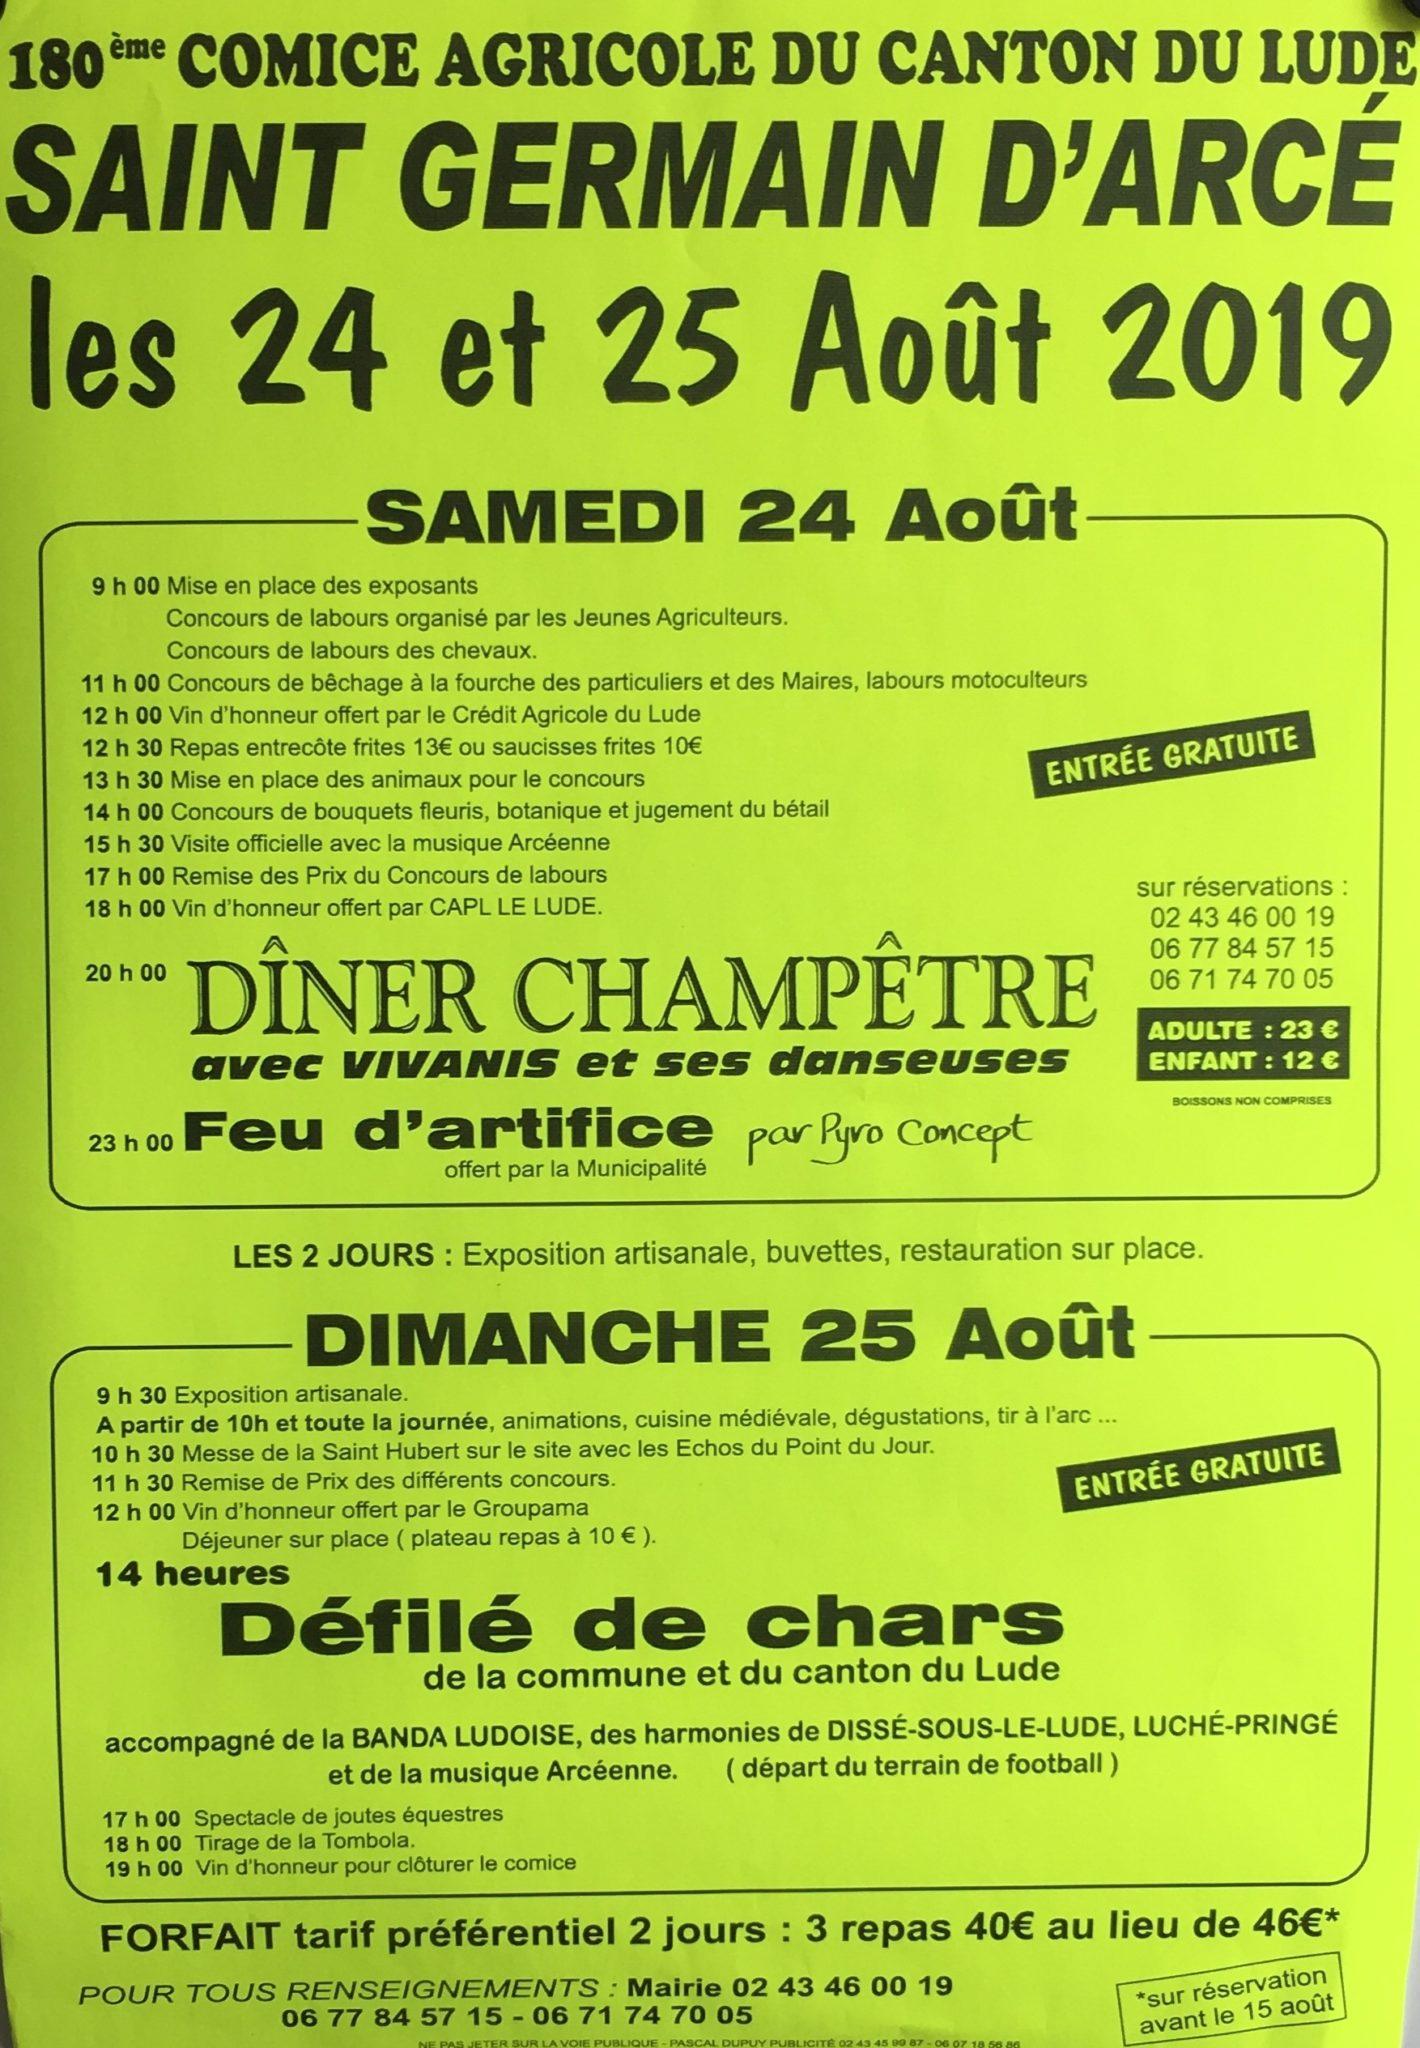 Calendrier Comice Agricole Sarthe 2019.Comice Agricole Le 24 Et 25 Aout La Ville Du Lude